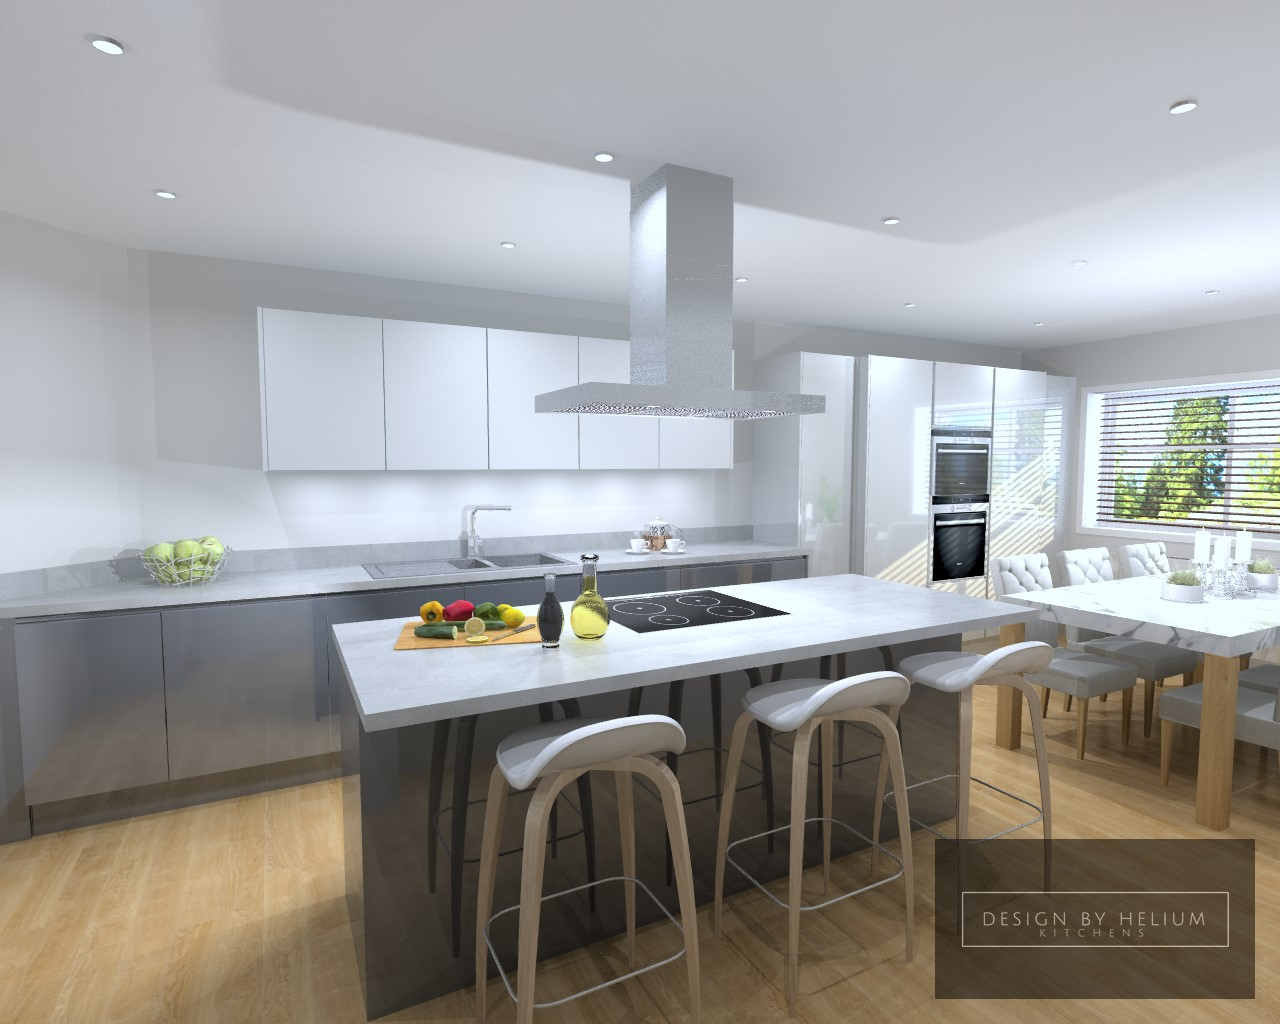 Design by Helium Kitchens | Kitchen Design Service | Manchester on ...